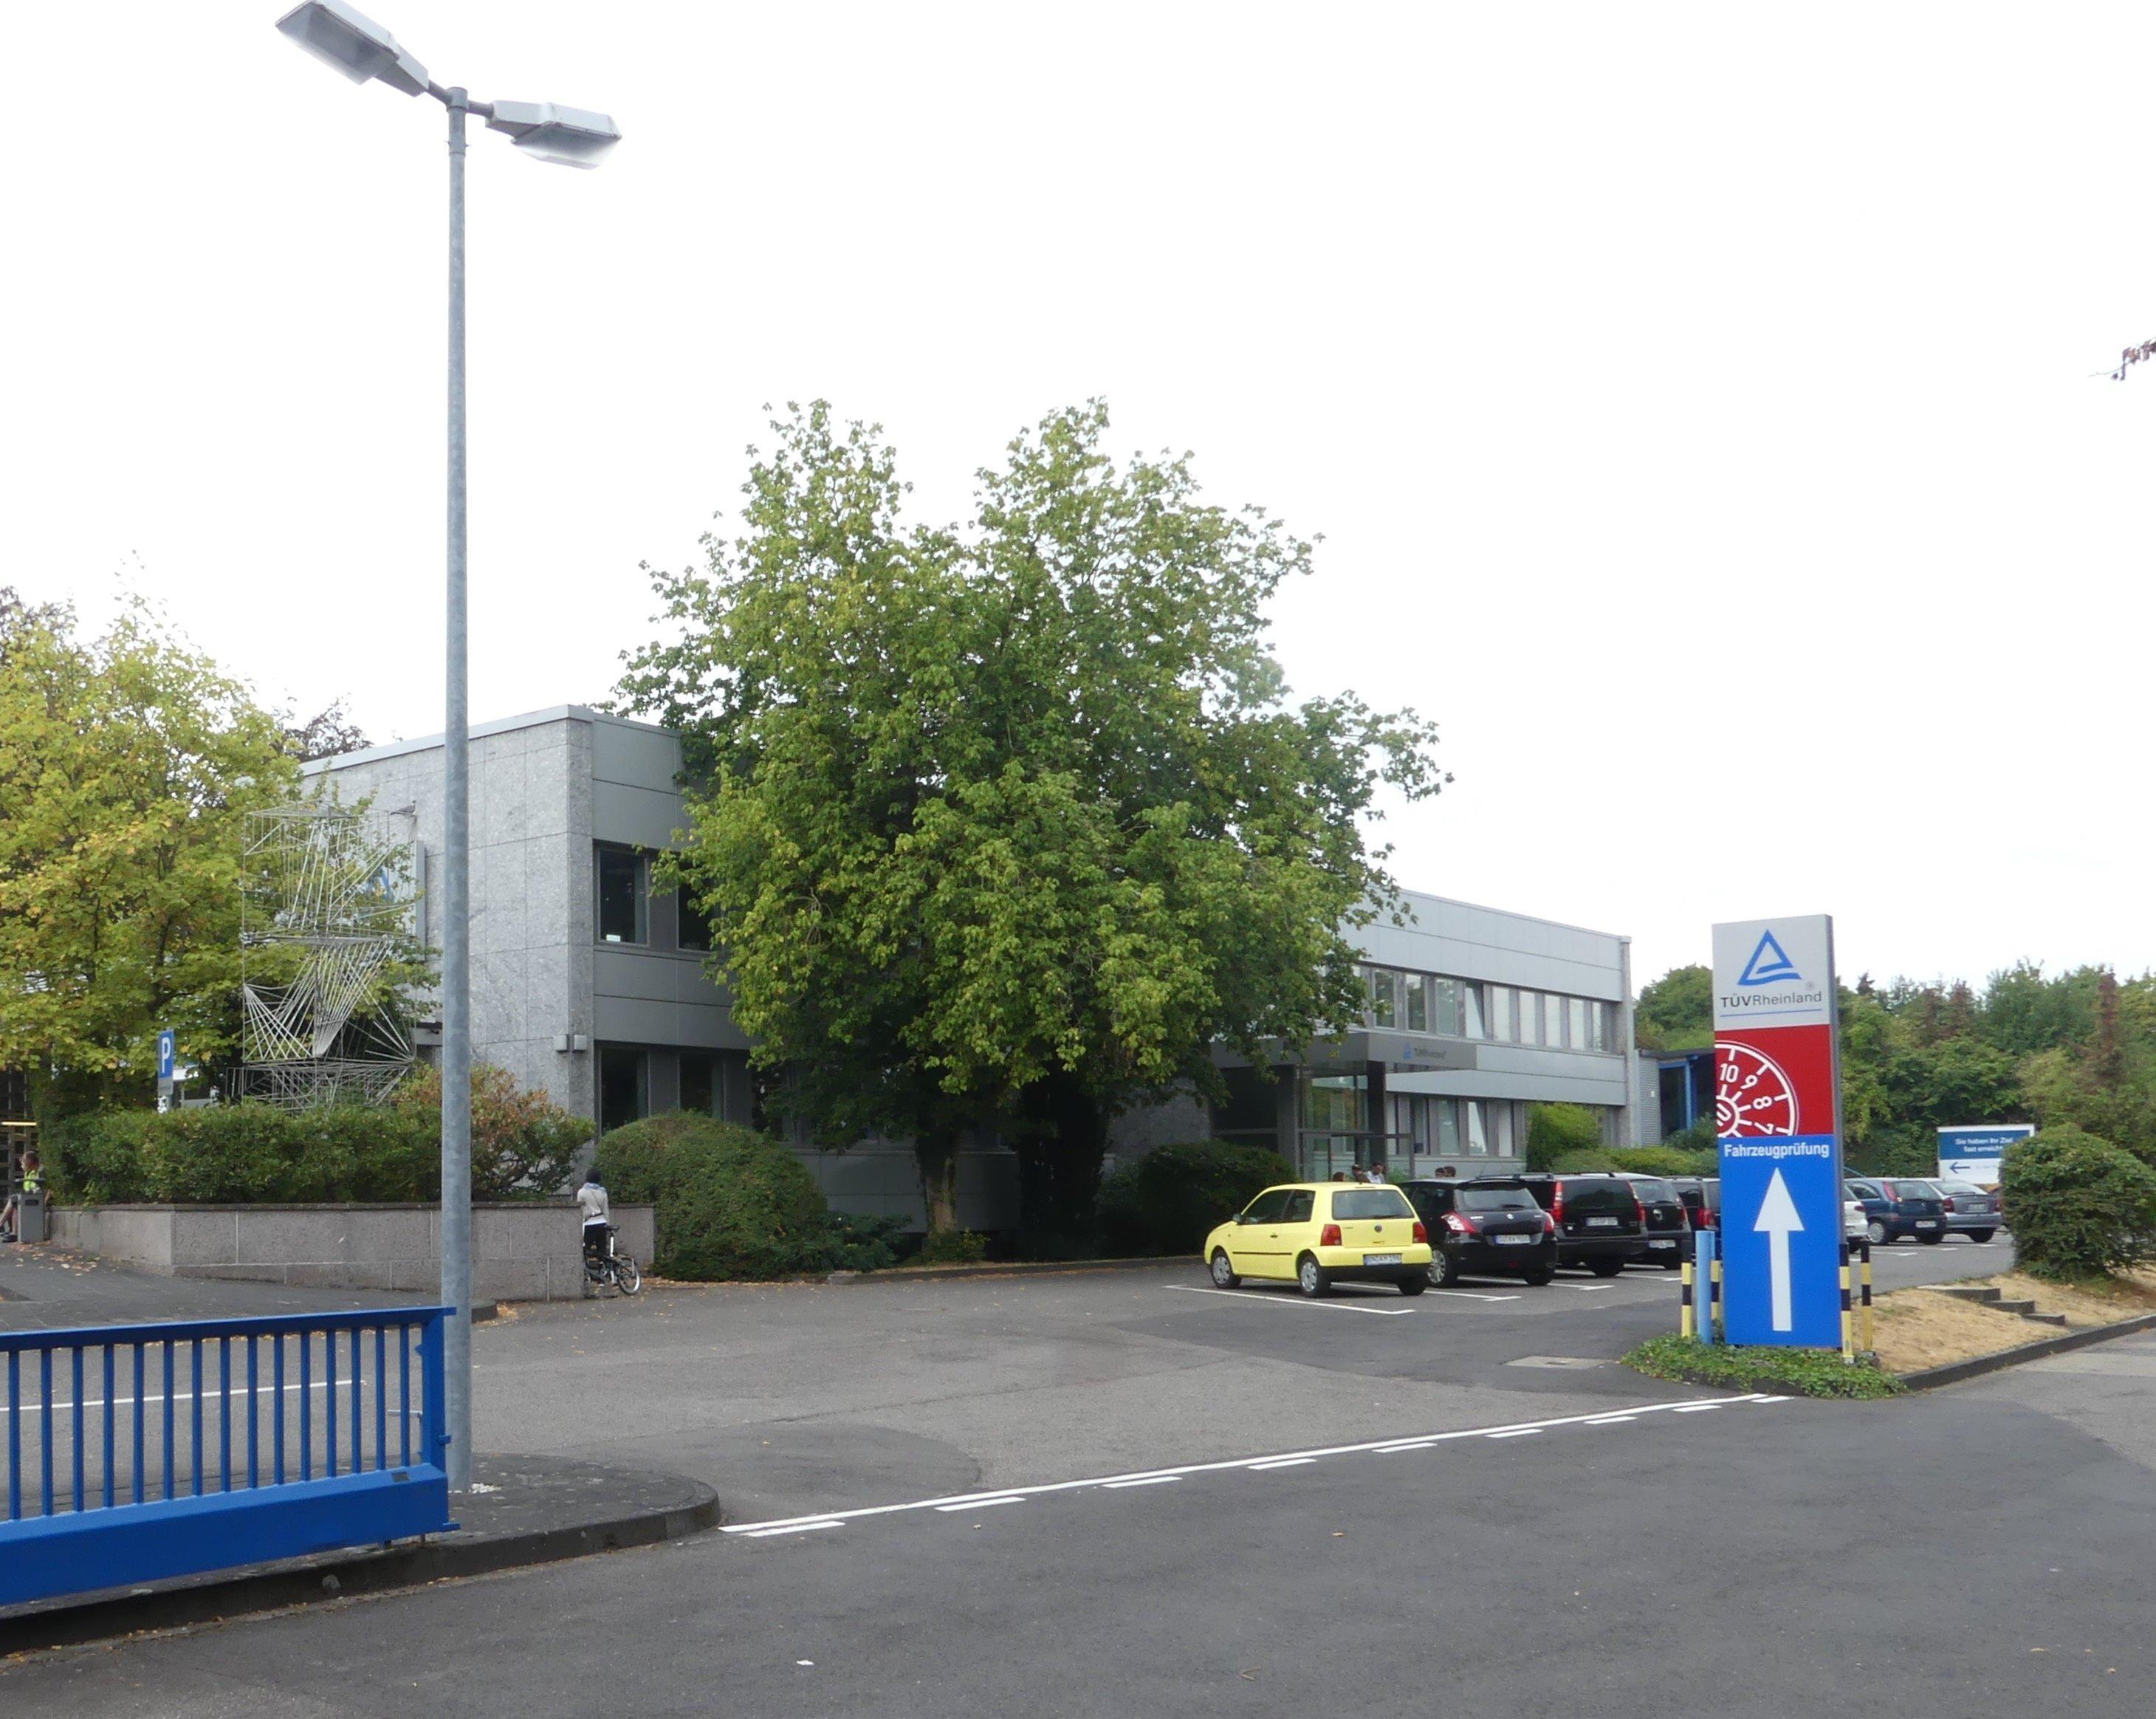 TÜV Rheinland Schaden- und Wertgutachten GmbH Bonn